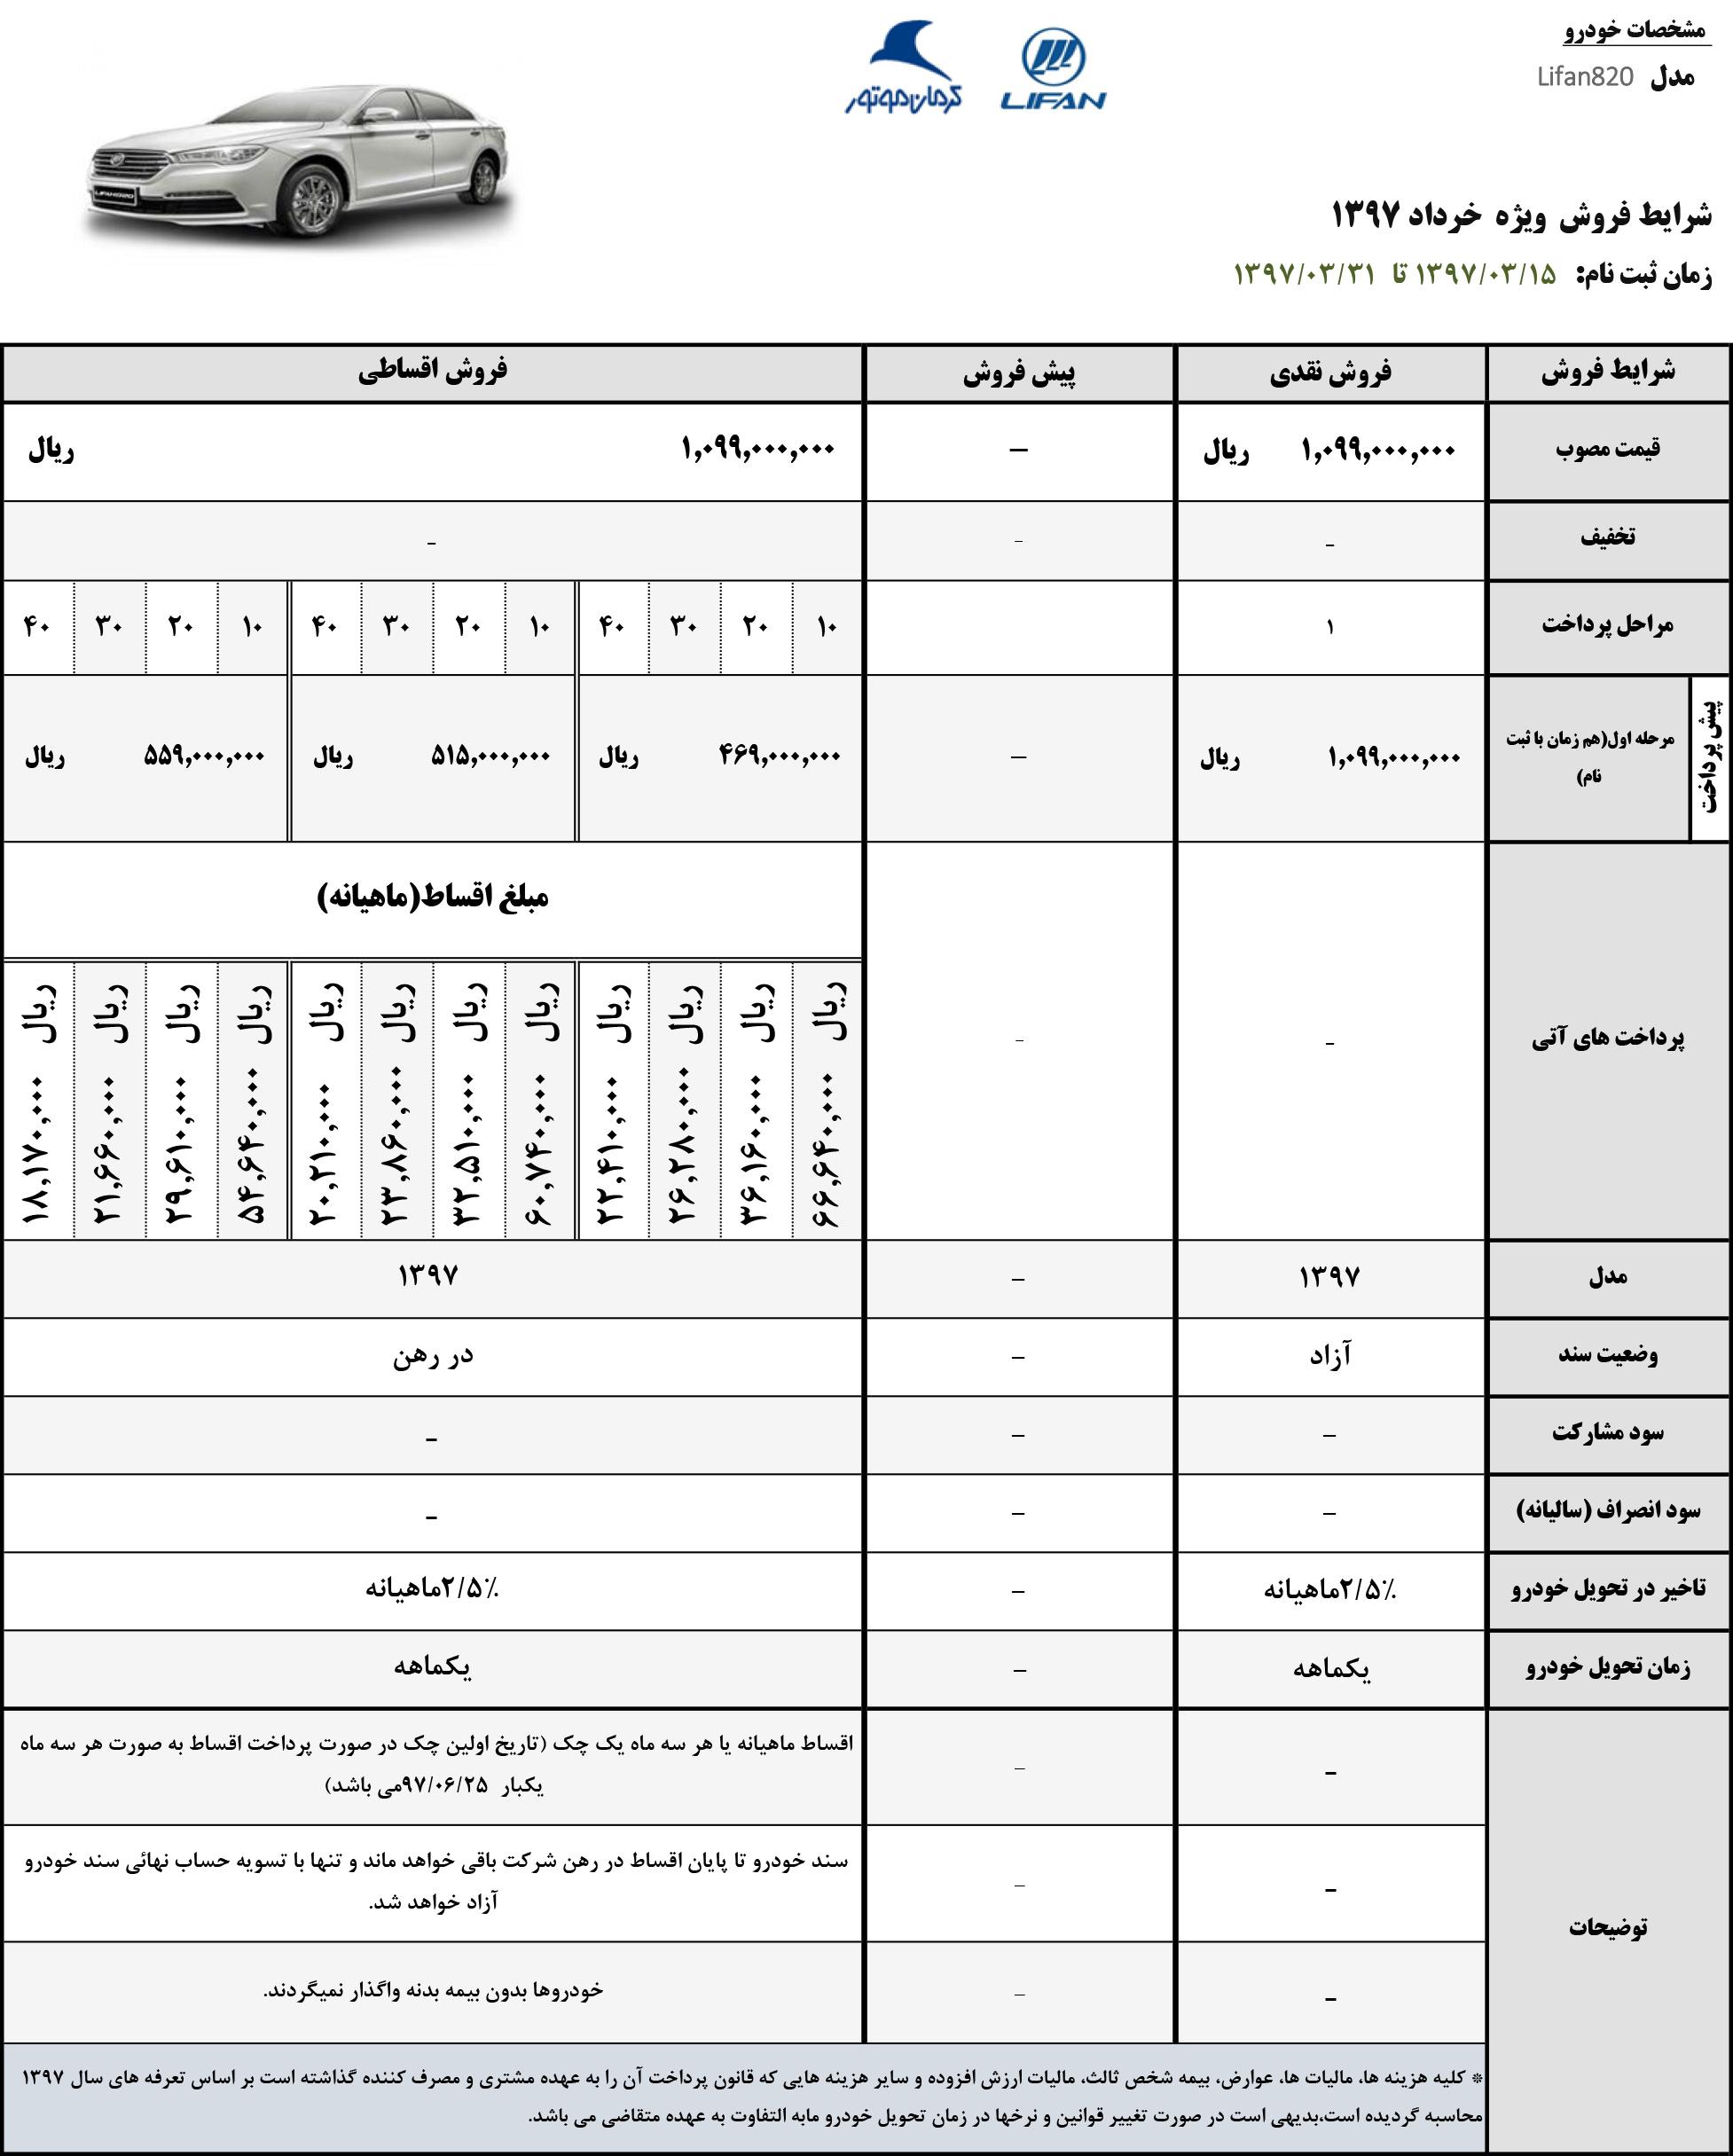 فروش ليفان 820 - مدل 97 - ويژه نيمه دوم خرداد